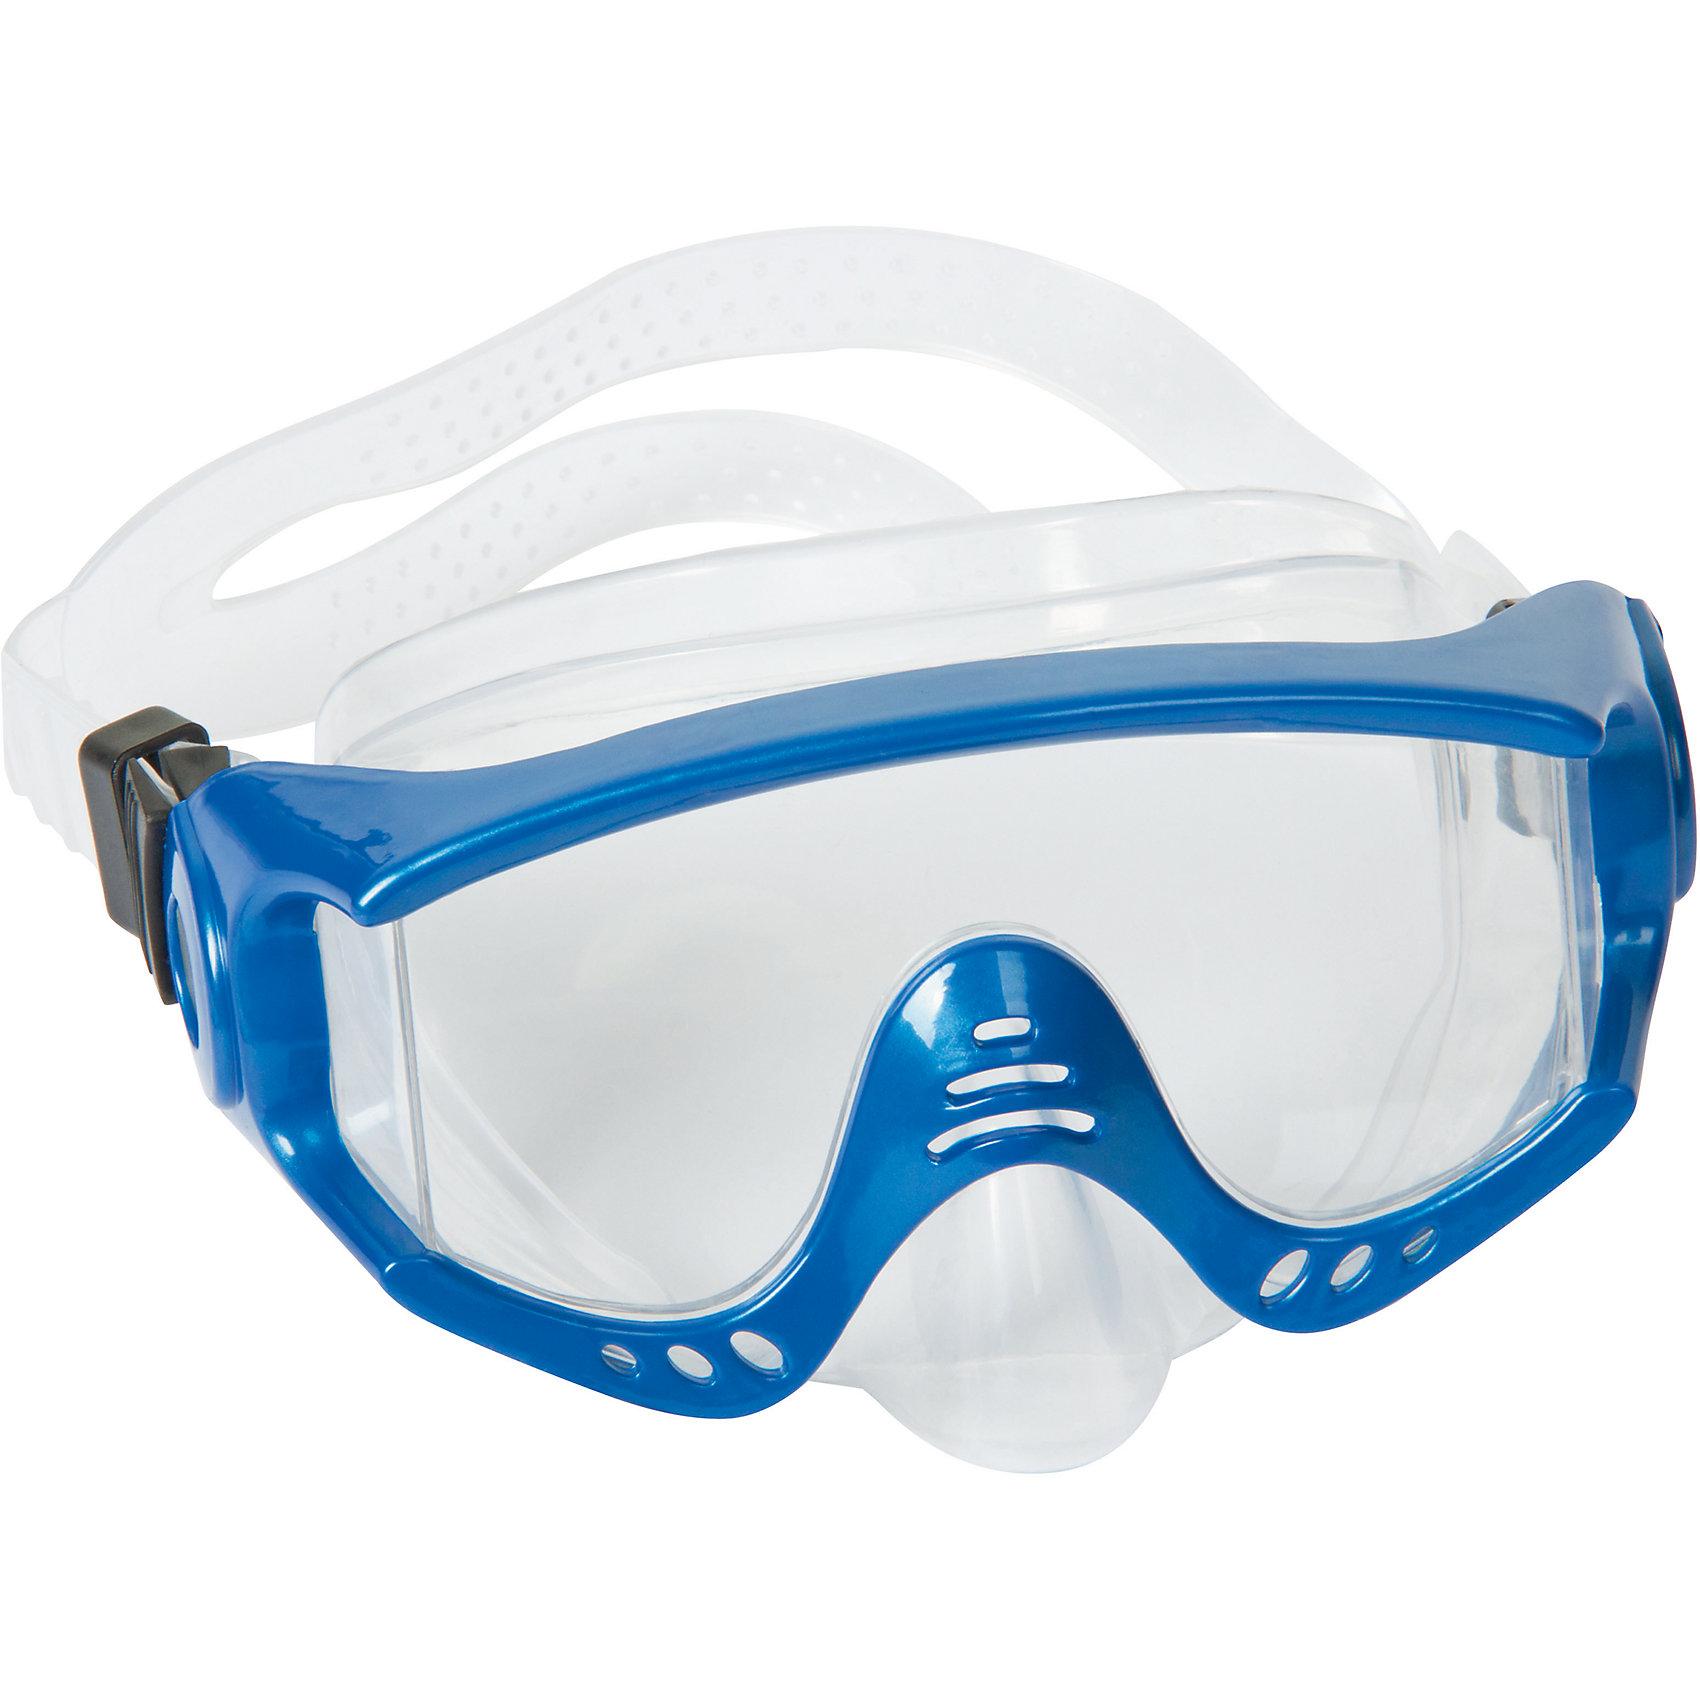 Маска для ныряния Splash Tech для взрослых, Bestway, синийМаска для ныряния Splash Tech, Bestway - отличный вариант для активного отдыха и увлекательных исследований подводного мира. Маска оснащена линзами из поликарбоната с широким обзором. Благодаря уплотнителю с двойной кромкой плотно прилегает к лицу и не допускает протекания воды. Маска надёжно фиксируется регулируемым ремешком. Соответствует требованиям безопасности и стандартам качества продукции. Маску для ныряния Splash Tech для взрослых, Bestway, можно купить в нашем интернет-магазине.<br><br> В товар входит: <br>- маска для ныряния<br><br>Дополнительная информация: <br> - Материал: поликарбонат<br> - Размер упаковки: 22 х 18 х 9 см<br> - Вес: 168 гр.  <br> - Возраст: для взрослых и детей от 14 лет<br> - Цвет: синий<br> - Бренд: Bestway<br><br>Ширина мм: 2350<br>Глубина мм: 1850<br>Высота мм: 870<br>Вес г: 168<br>Возраст от месяцев: 168<br>Возраст до месяцев: 1188<br>Пол: Унисекс<br>Возраст: Детский<br>SKU: 4828547